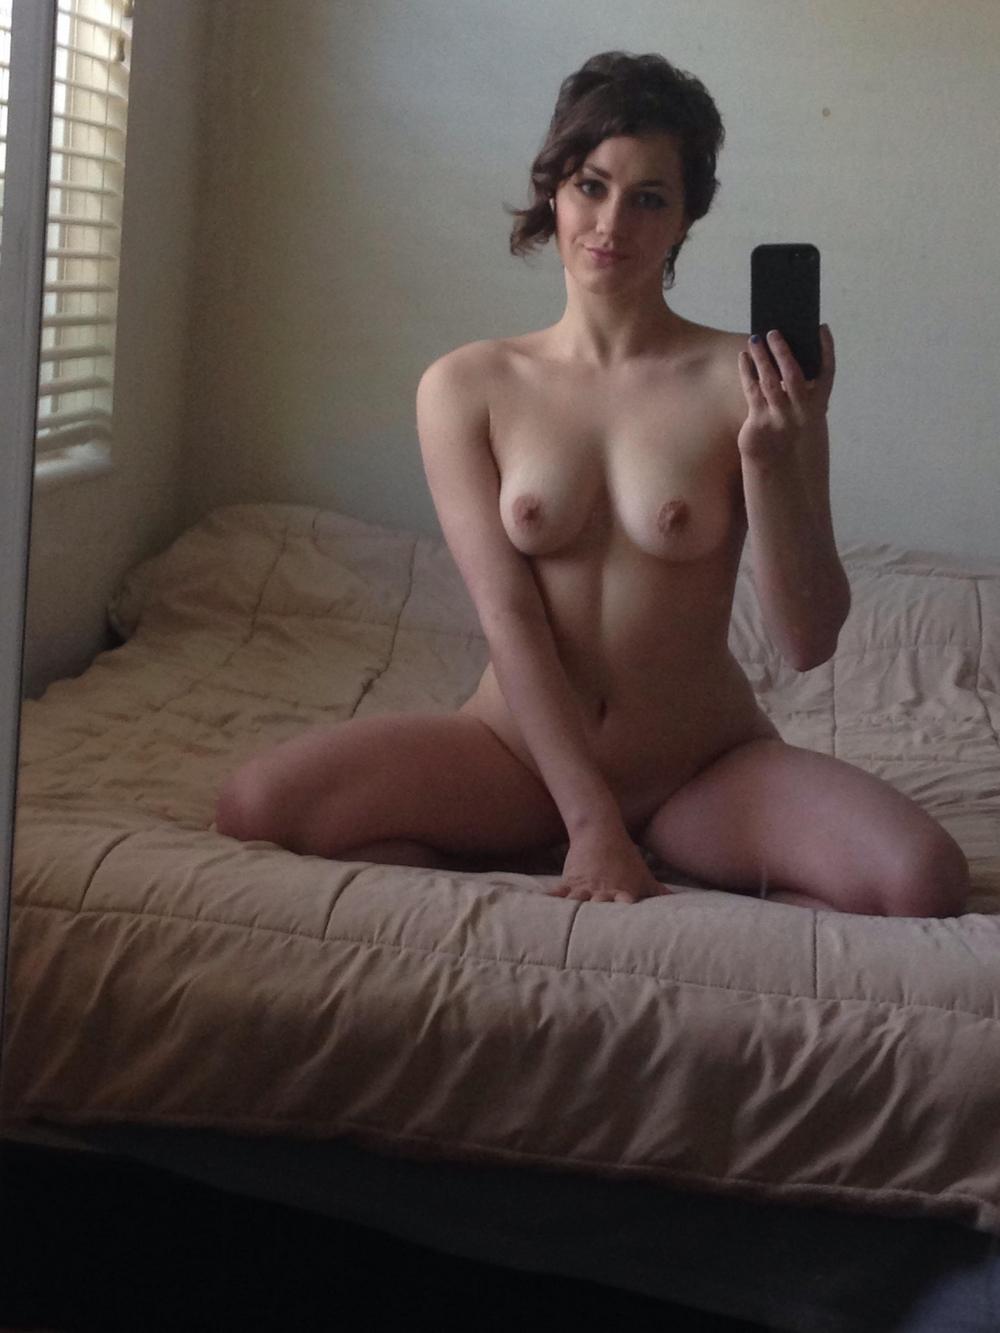 Девушка с красивыми глазами и потрясающим телом позирует голышом